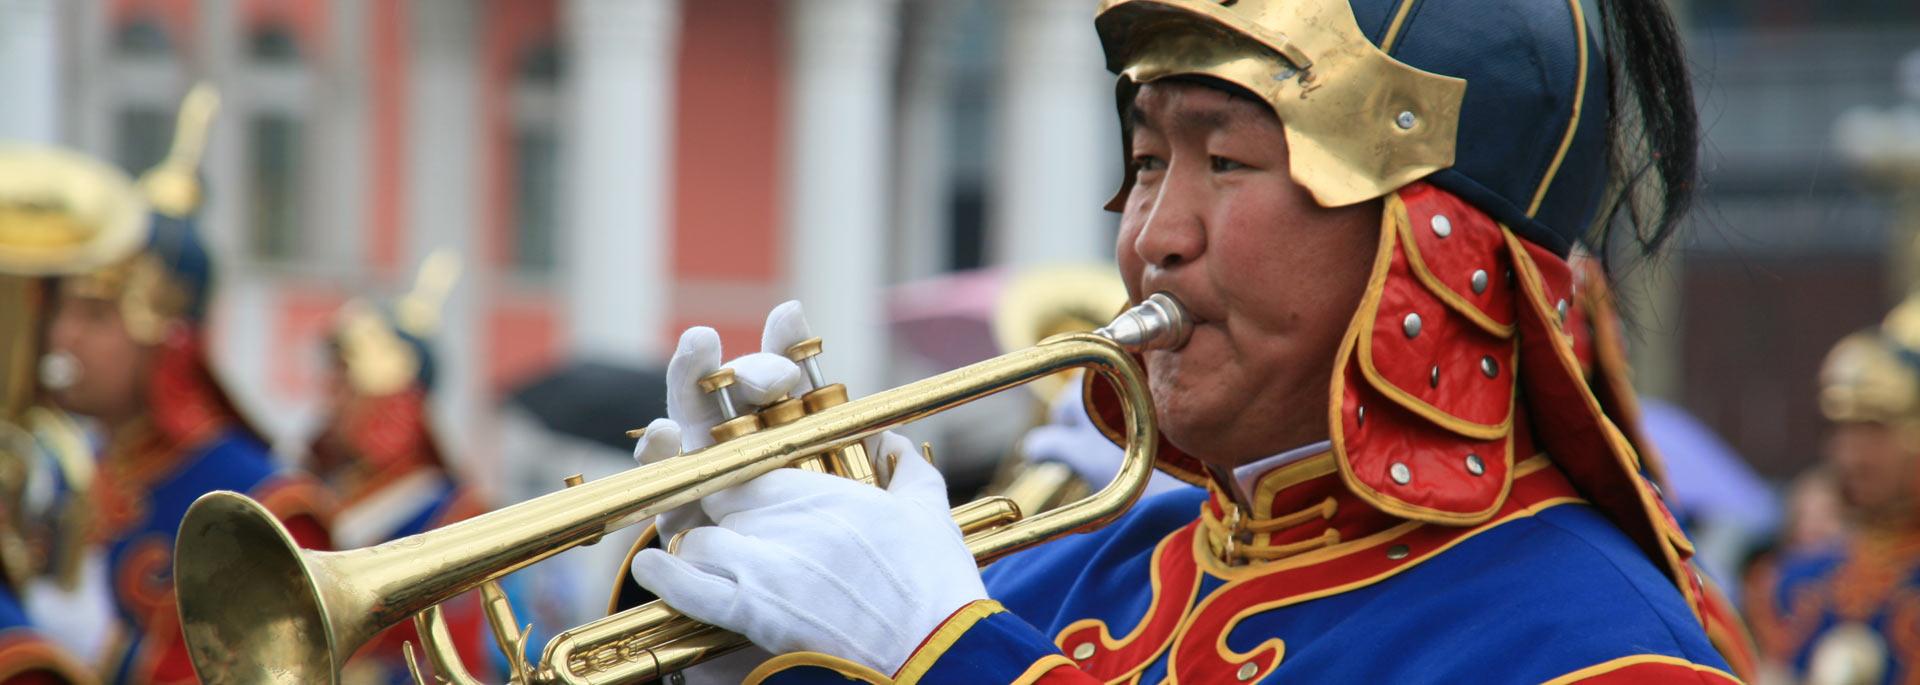 Wie mich die Parade der Mongolen am Nationalfeiertag berührte